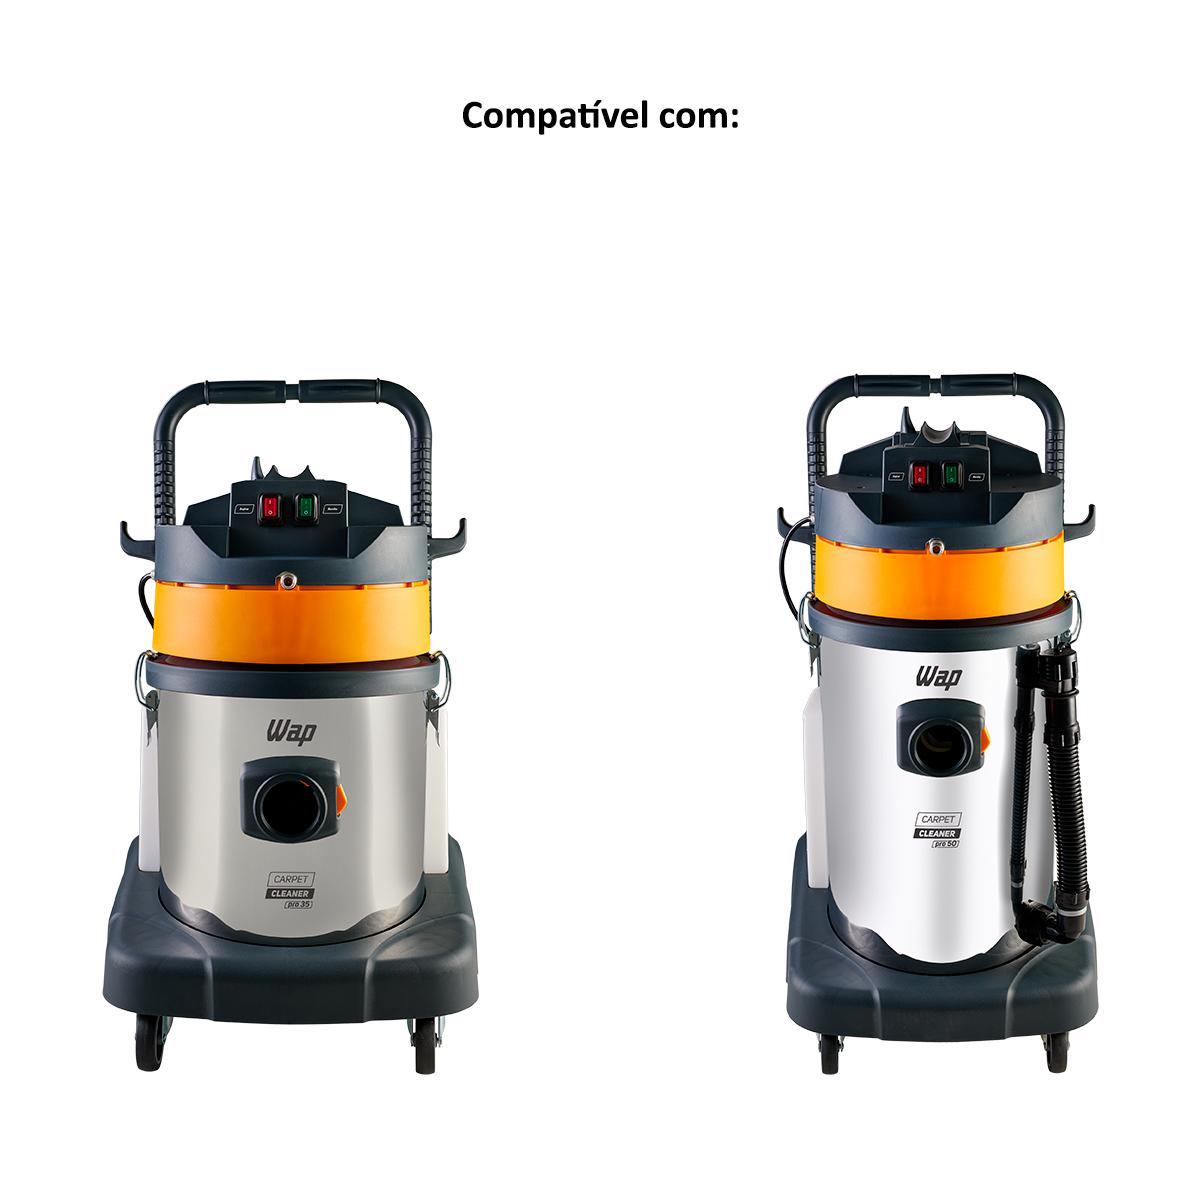 Bomba para Extratora Wap Carpet Cleaner Pro 35 e 50 220v 45w Original